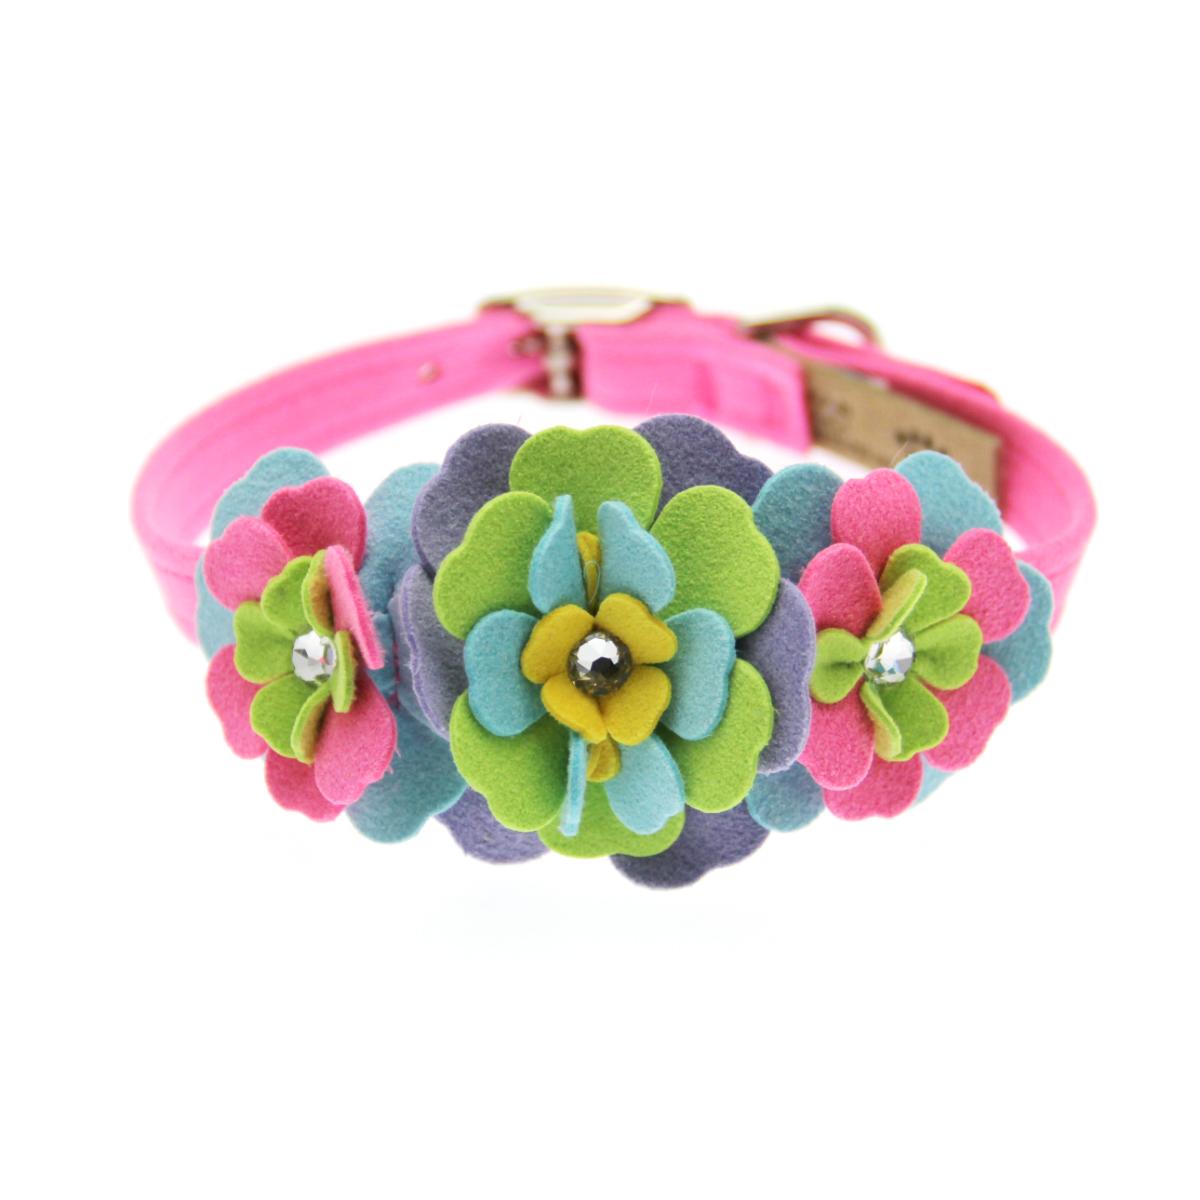 Tinkie Fantasy Flower Dog Collar by Susan Lanci - Perfect Pink